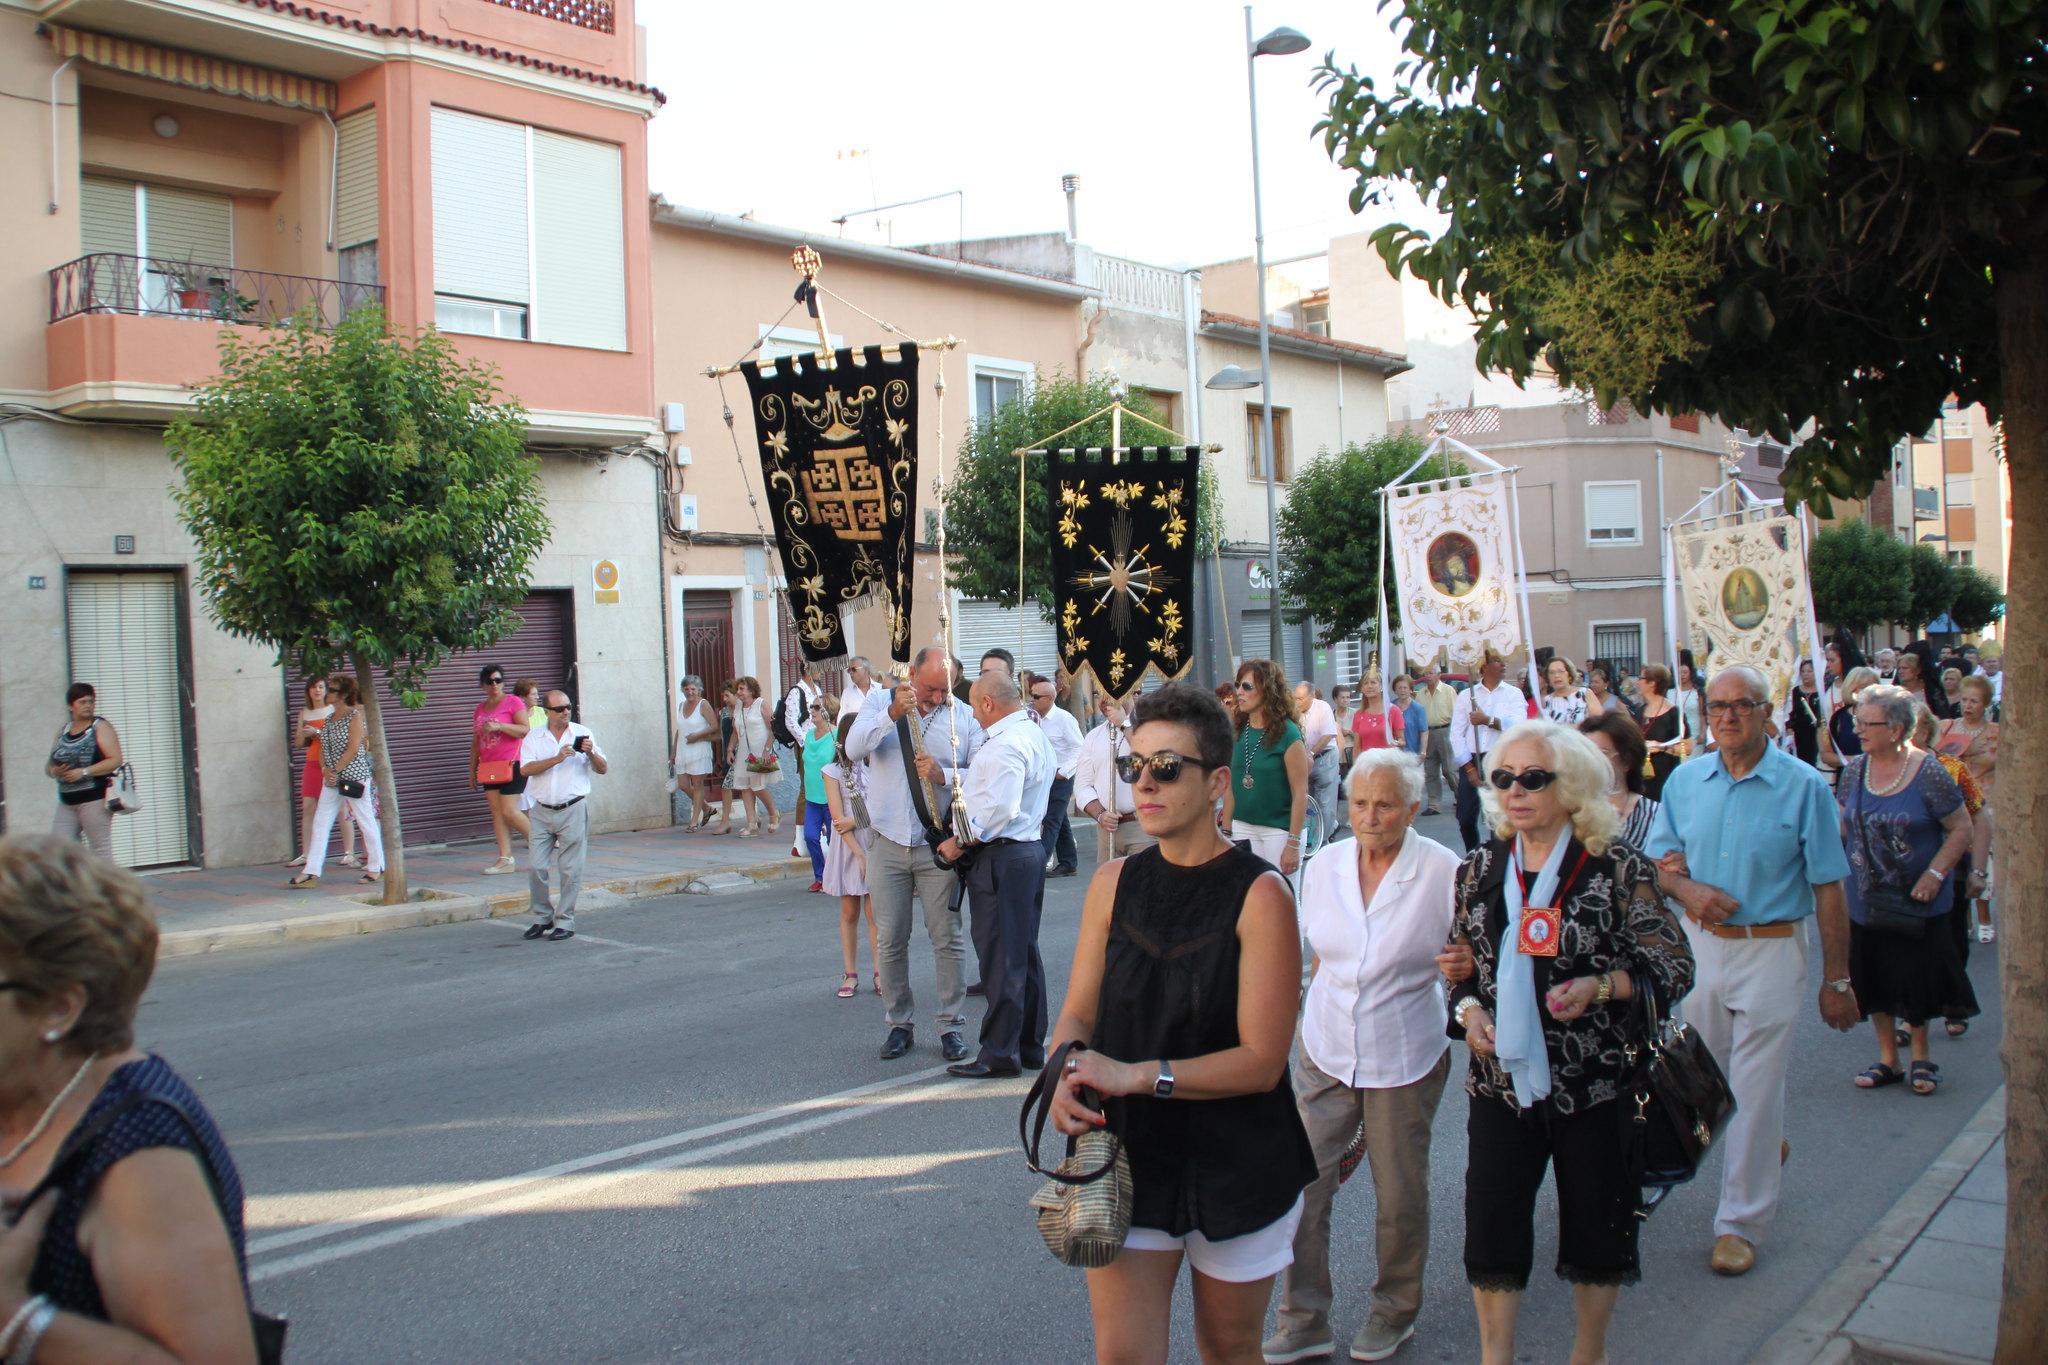 (2015-07-12) - Virgen del Carmen, parroquia La Santa Cruz - Javier Romero Ripoll (14)